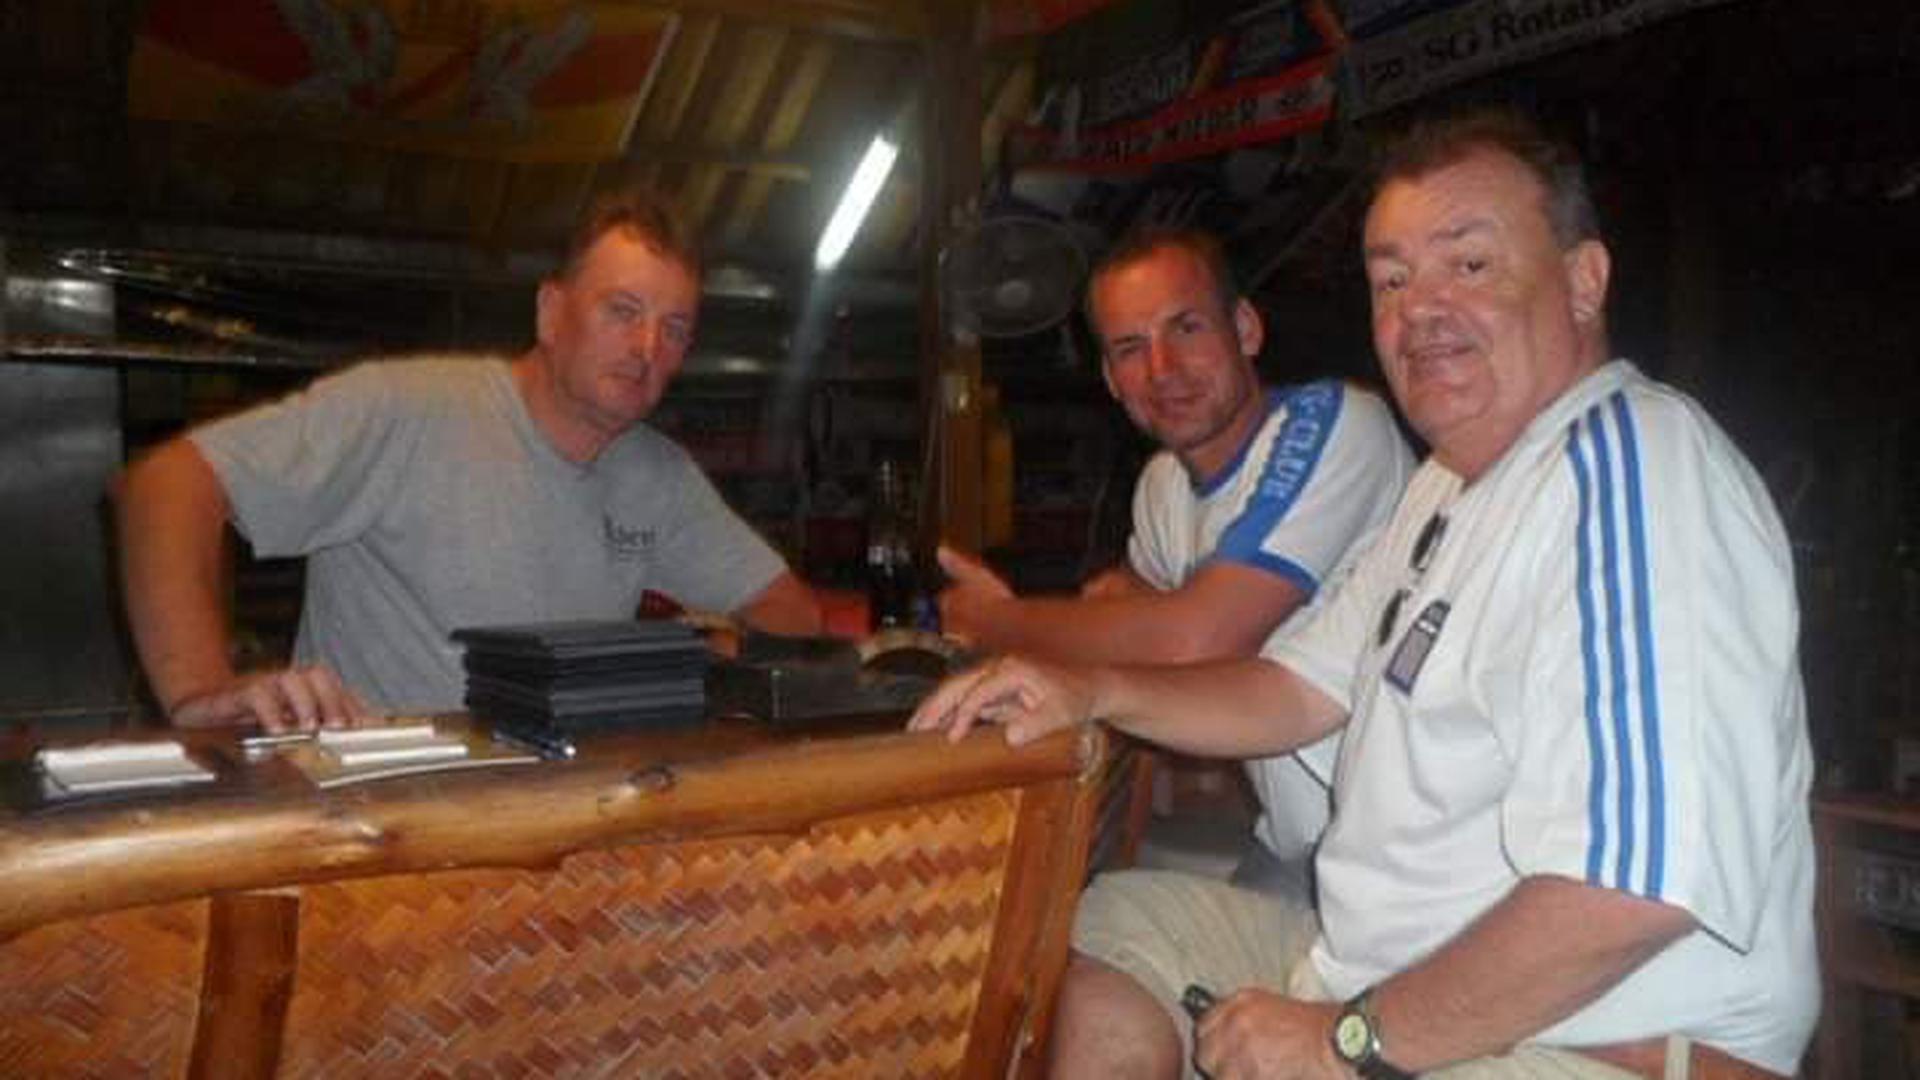 Karlsruher unter sich: Peter (links) mit Heiko aus der Karlsruher Nordweststadt und Hansi aus Karlsruhe-Beiertheim, der auch schon seit 21 Jahren auf der Insel lebt.